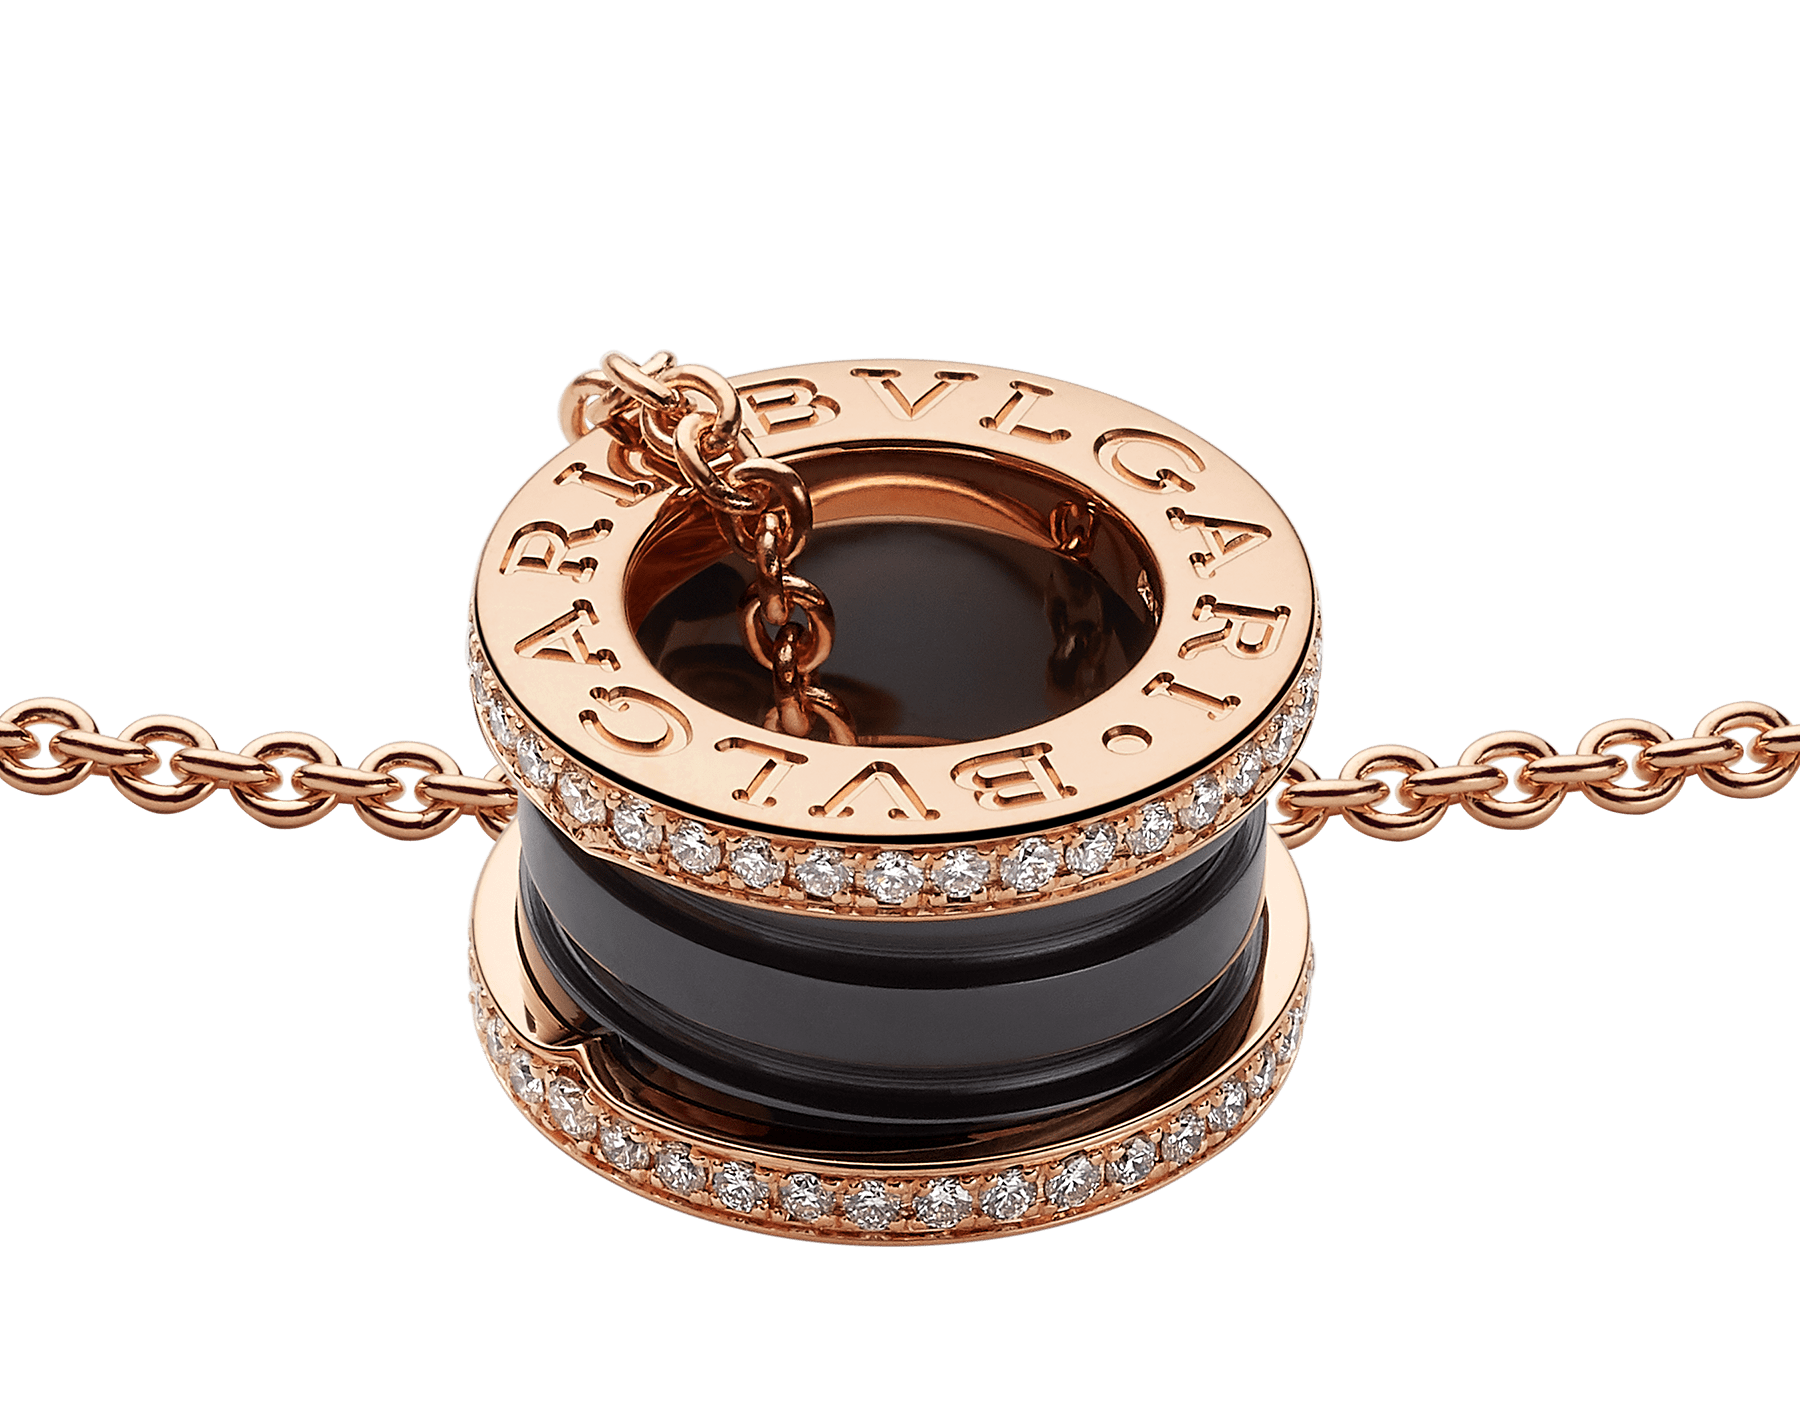 يجمع عقد بي.زيرو1 بين التصميم المتميز والأناقة العصرية من خلال سلسلة من الذهب الوردي تحيط بقلادة حلزونية مرصعة بالسيراميك الأسود والألماس المرصوف. 350056 image 3